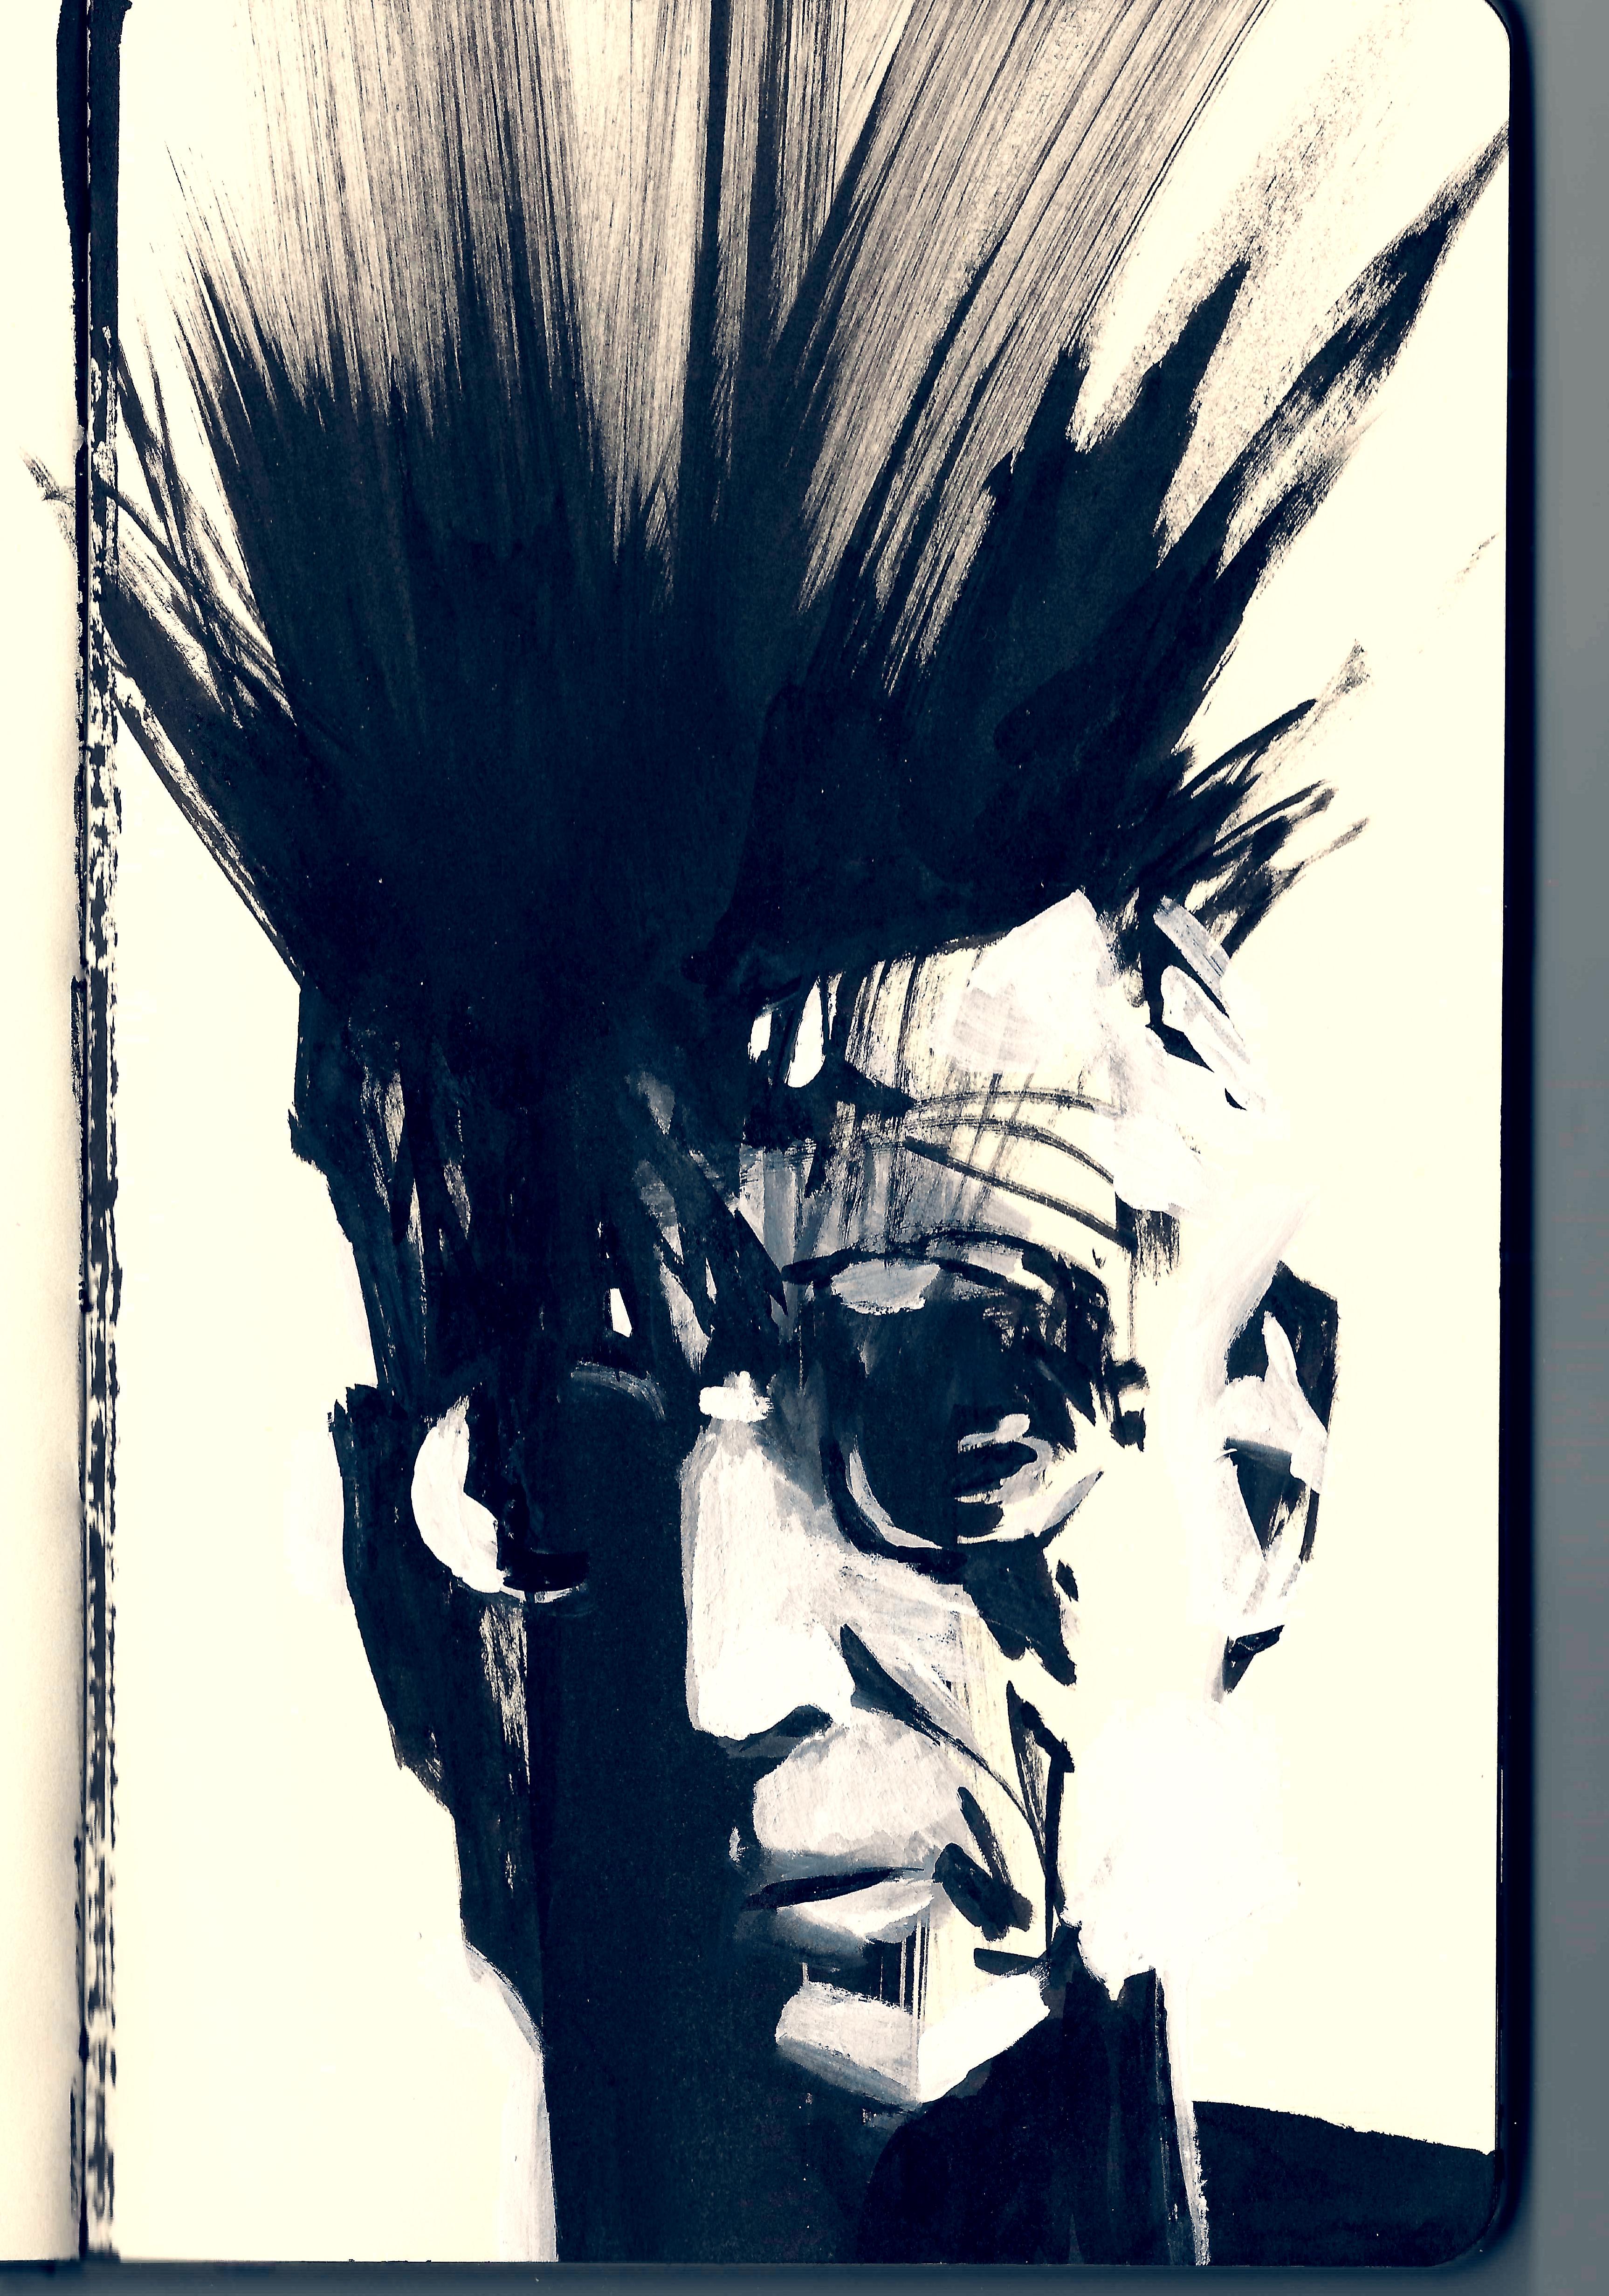 Danijel Žeželj: Samuel Beckett